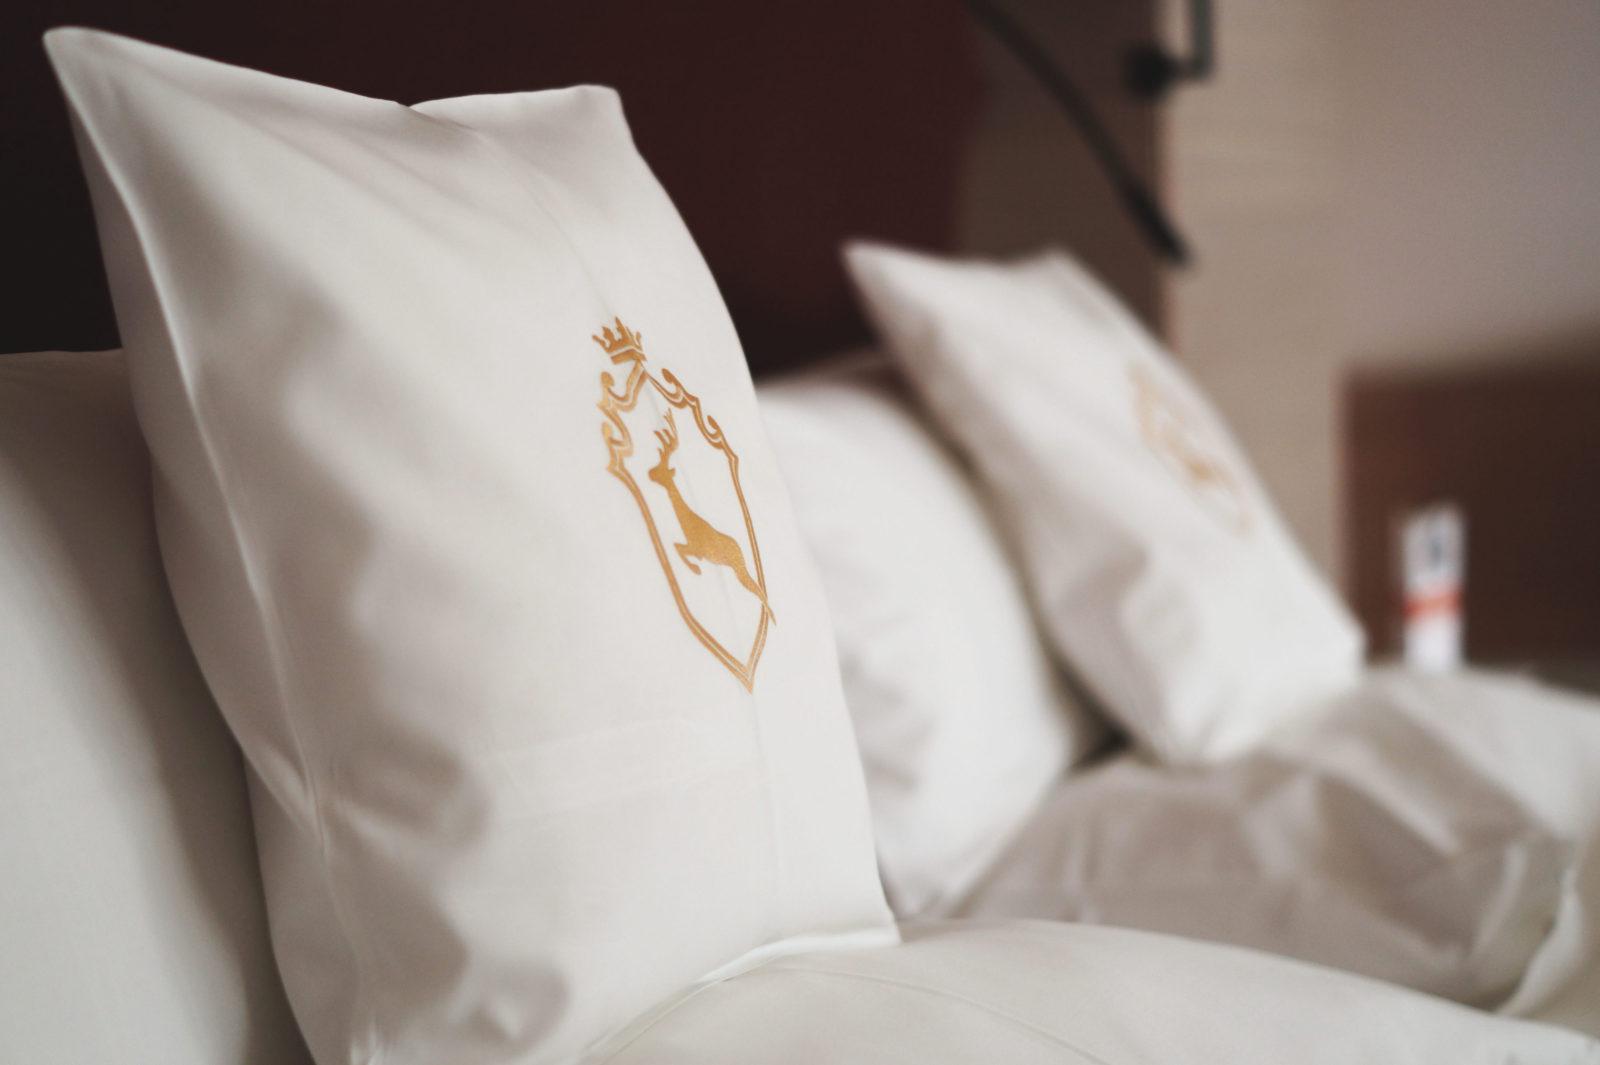 Hotel Review Travel Charme Ifen Hotel Kleinwalsertal Austria Österreich Hotelbewertung Junior Suite Kissen